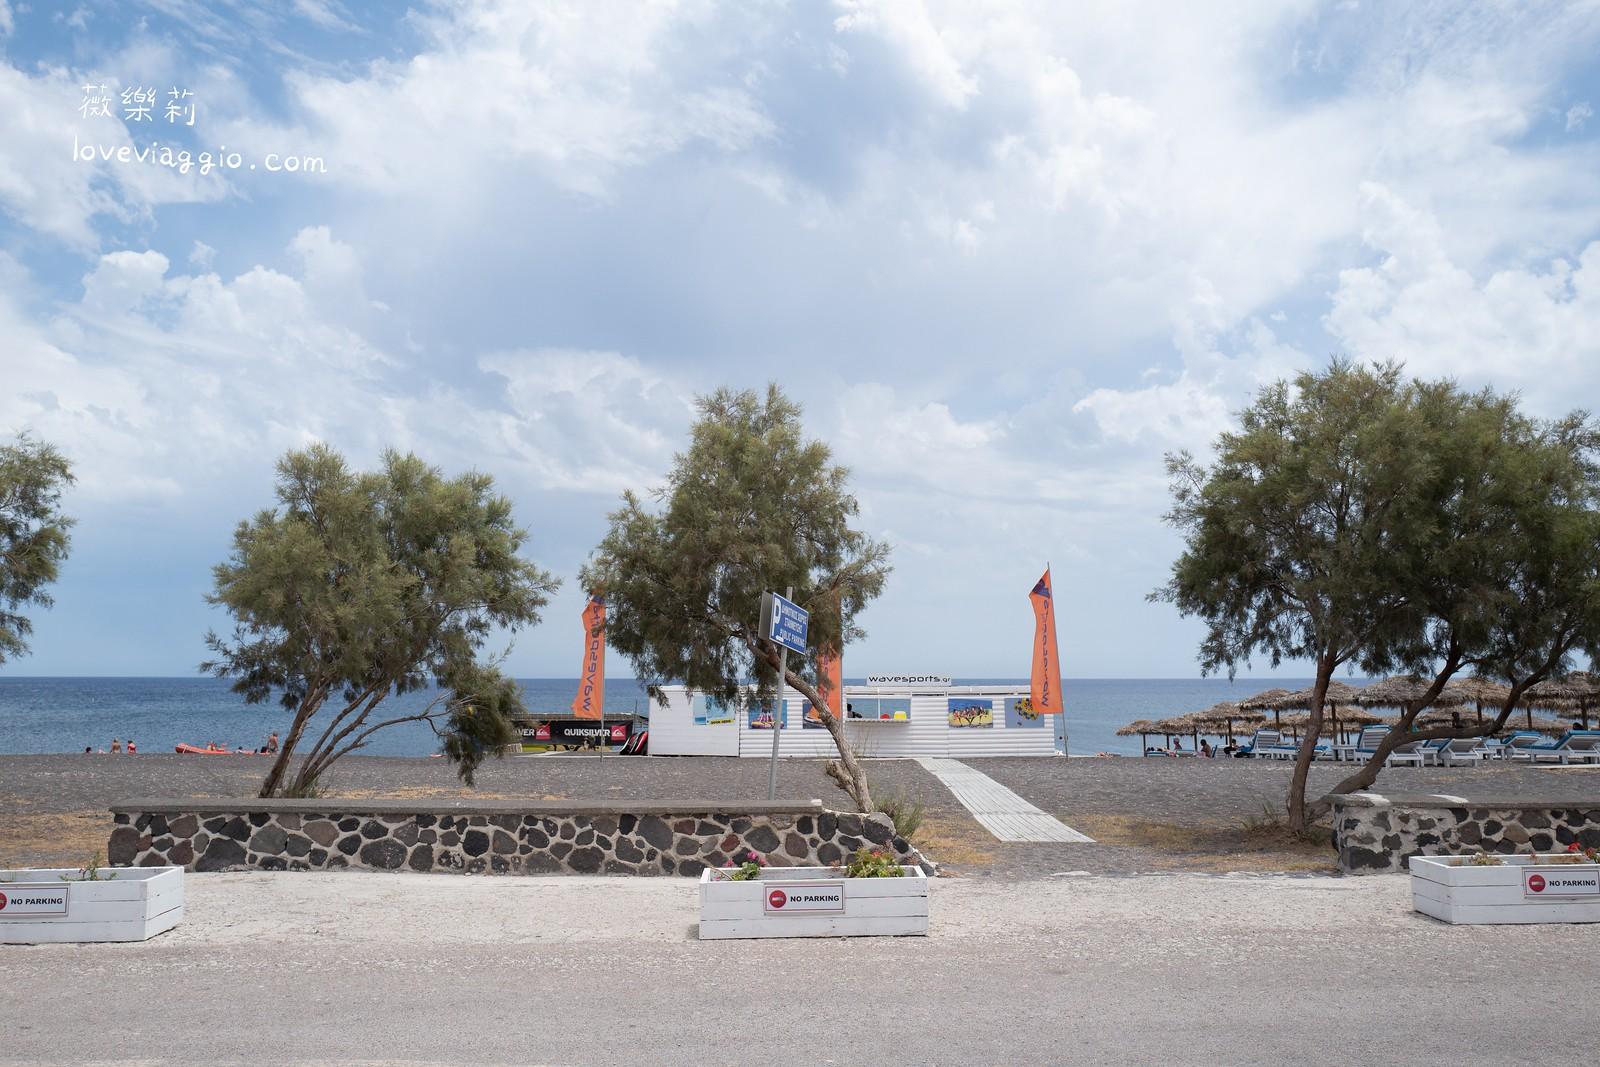 【希臘聖托里尼 Santorini】聖托里尼租車自駕環島|卡馬利Kamari、Perissa、紅沙灘、黑沙灘 @薇樂莉 Love Viaggio | 旅行.生活.攝影